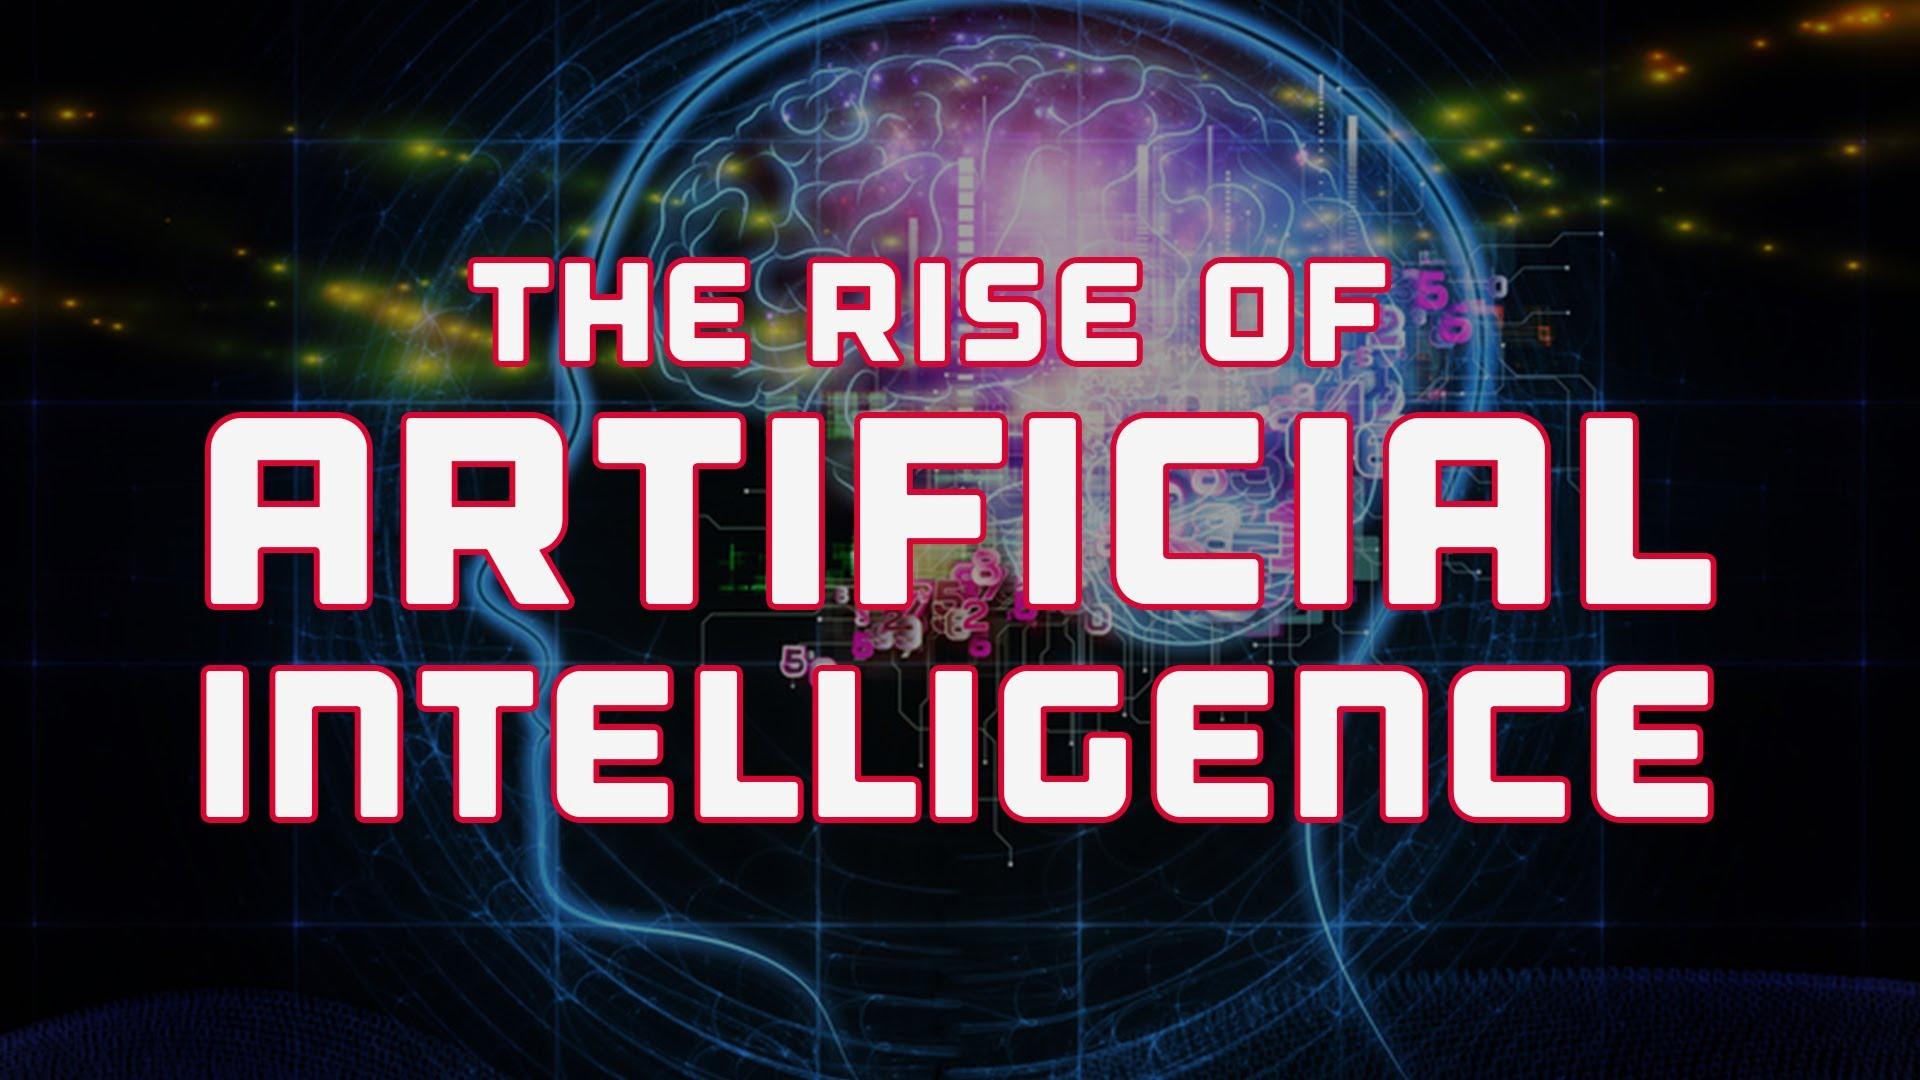 Tìm hiểu về Artificial Intelligence là gì và ý nghĩa của AI?